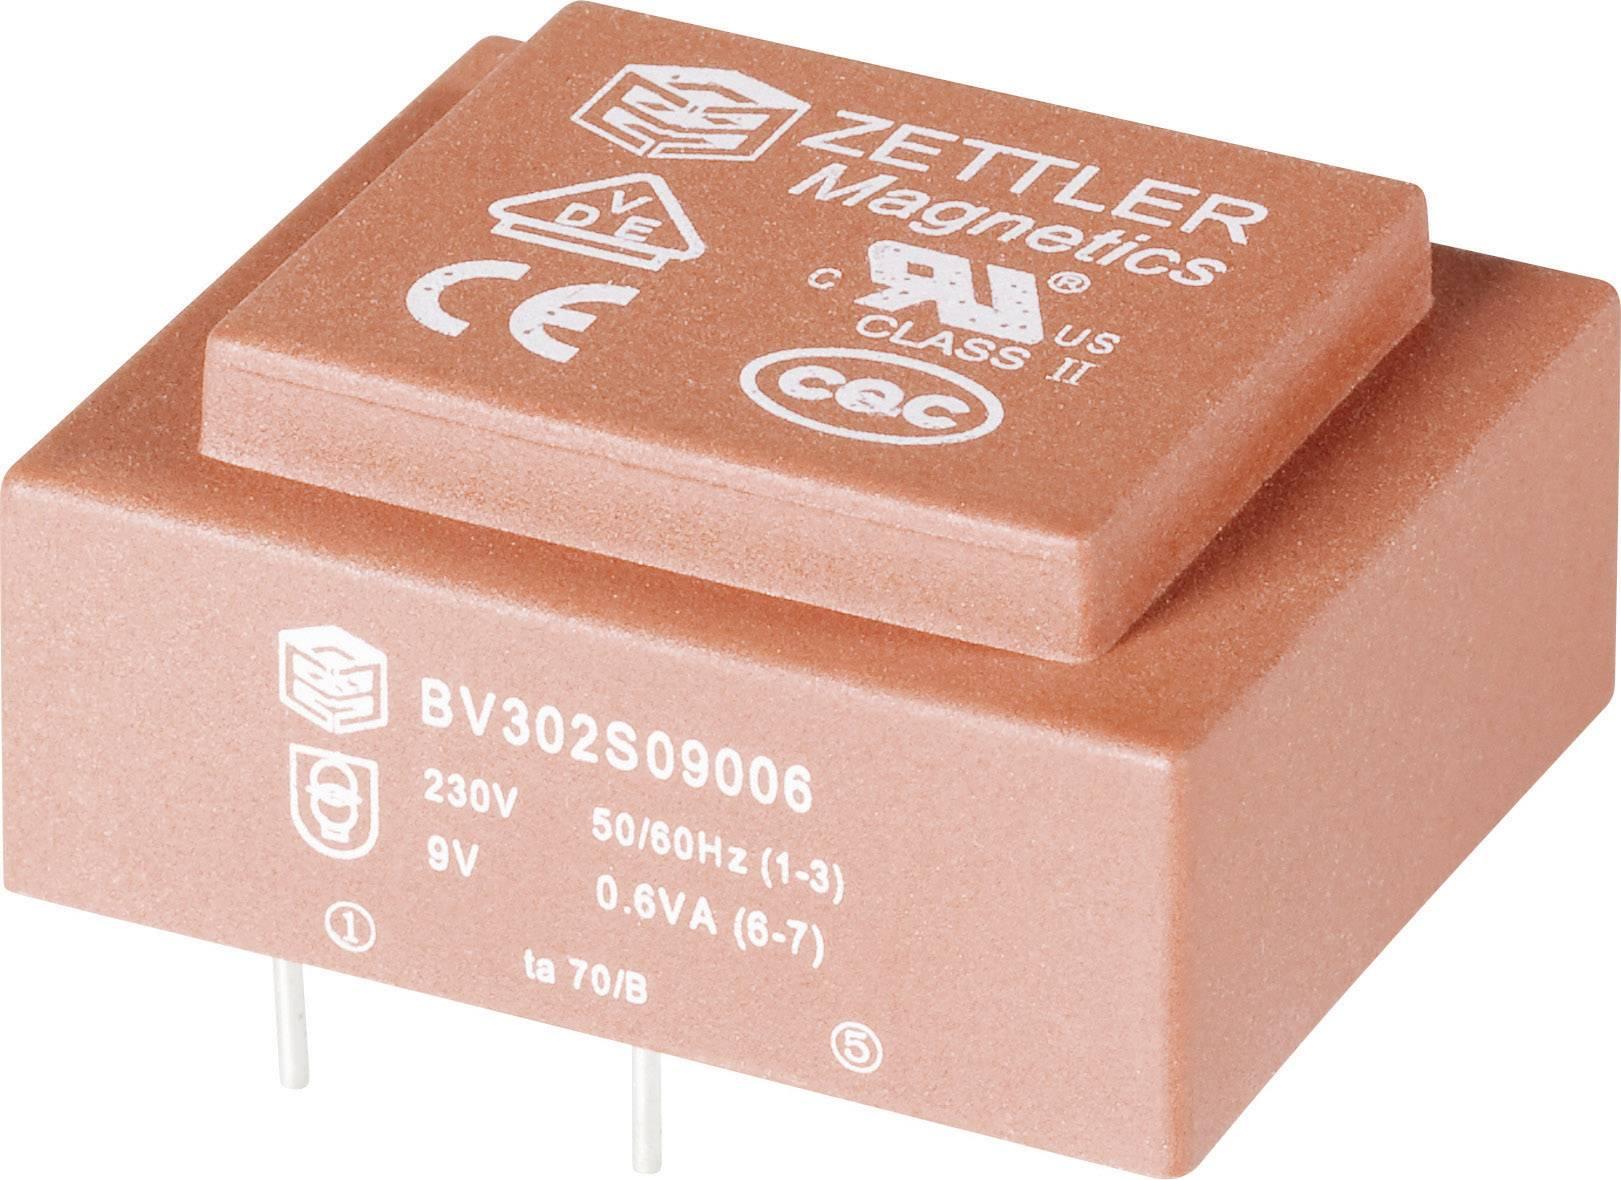 Transformátor do DPS Zettler Magnetics El30, 230 V/2x 6 V, 2x 50 mA, 1,8 VA